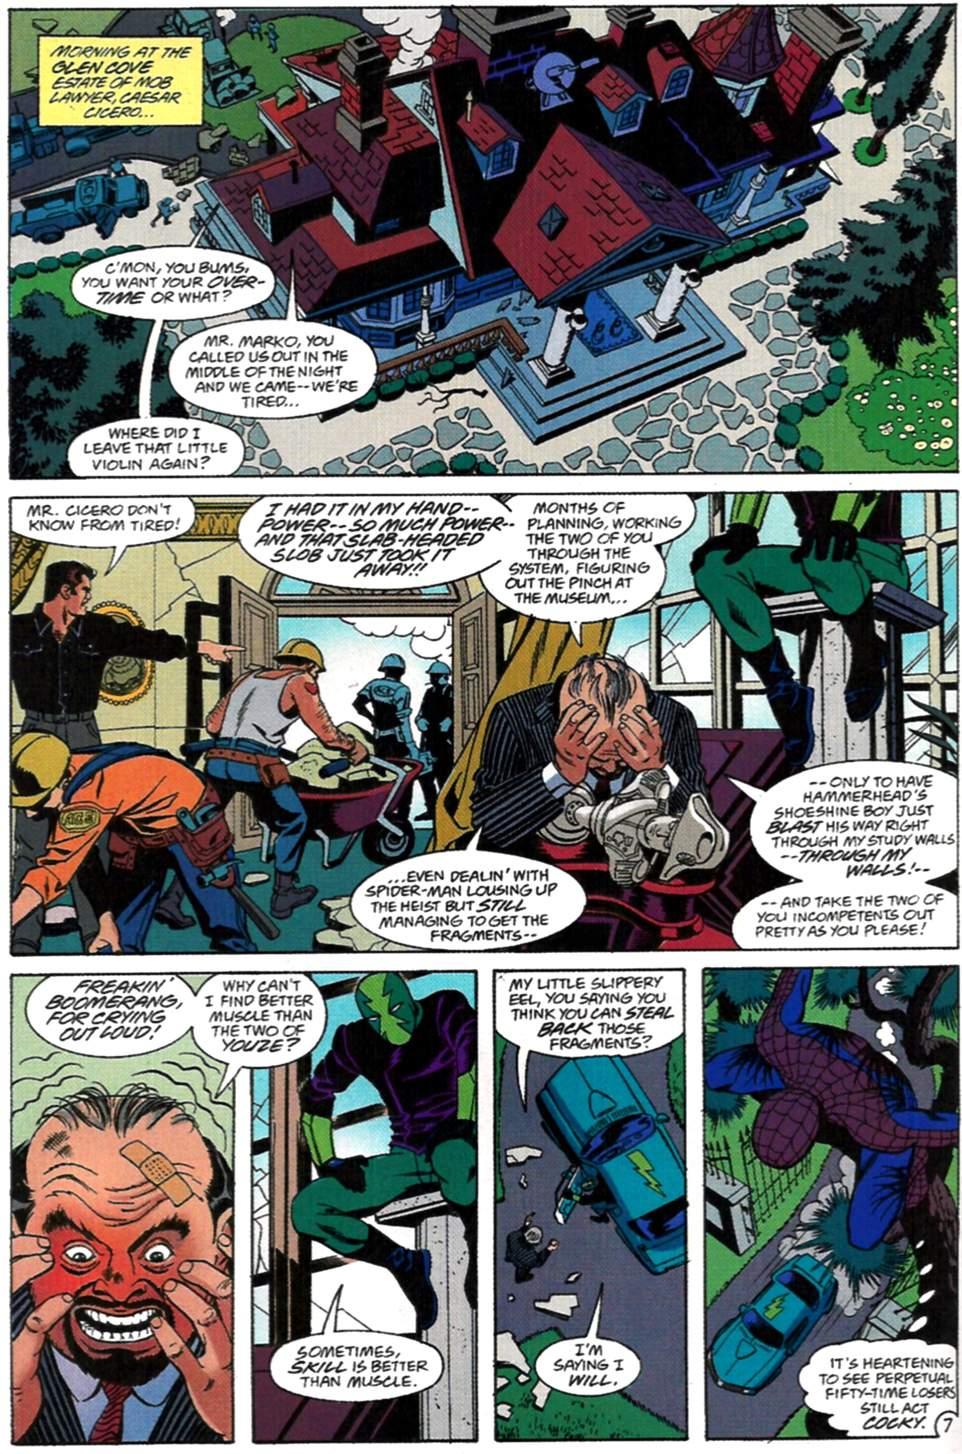 Read online Spider-Man: Lifeline comic -  Issue #2 - 8